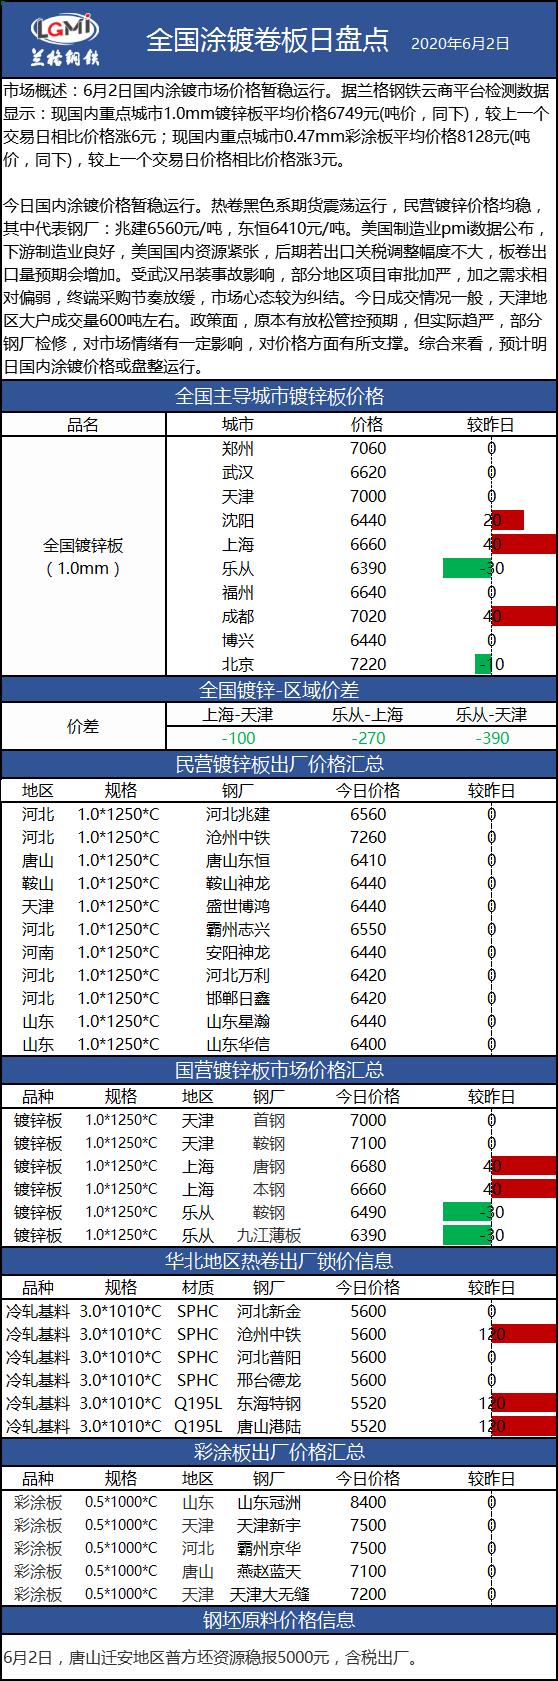 兰格涂镀板卷日盘点(6.2):涂镀价格暂稳运行 市场心态较为纠结